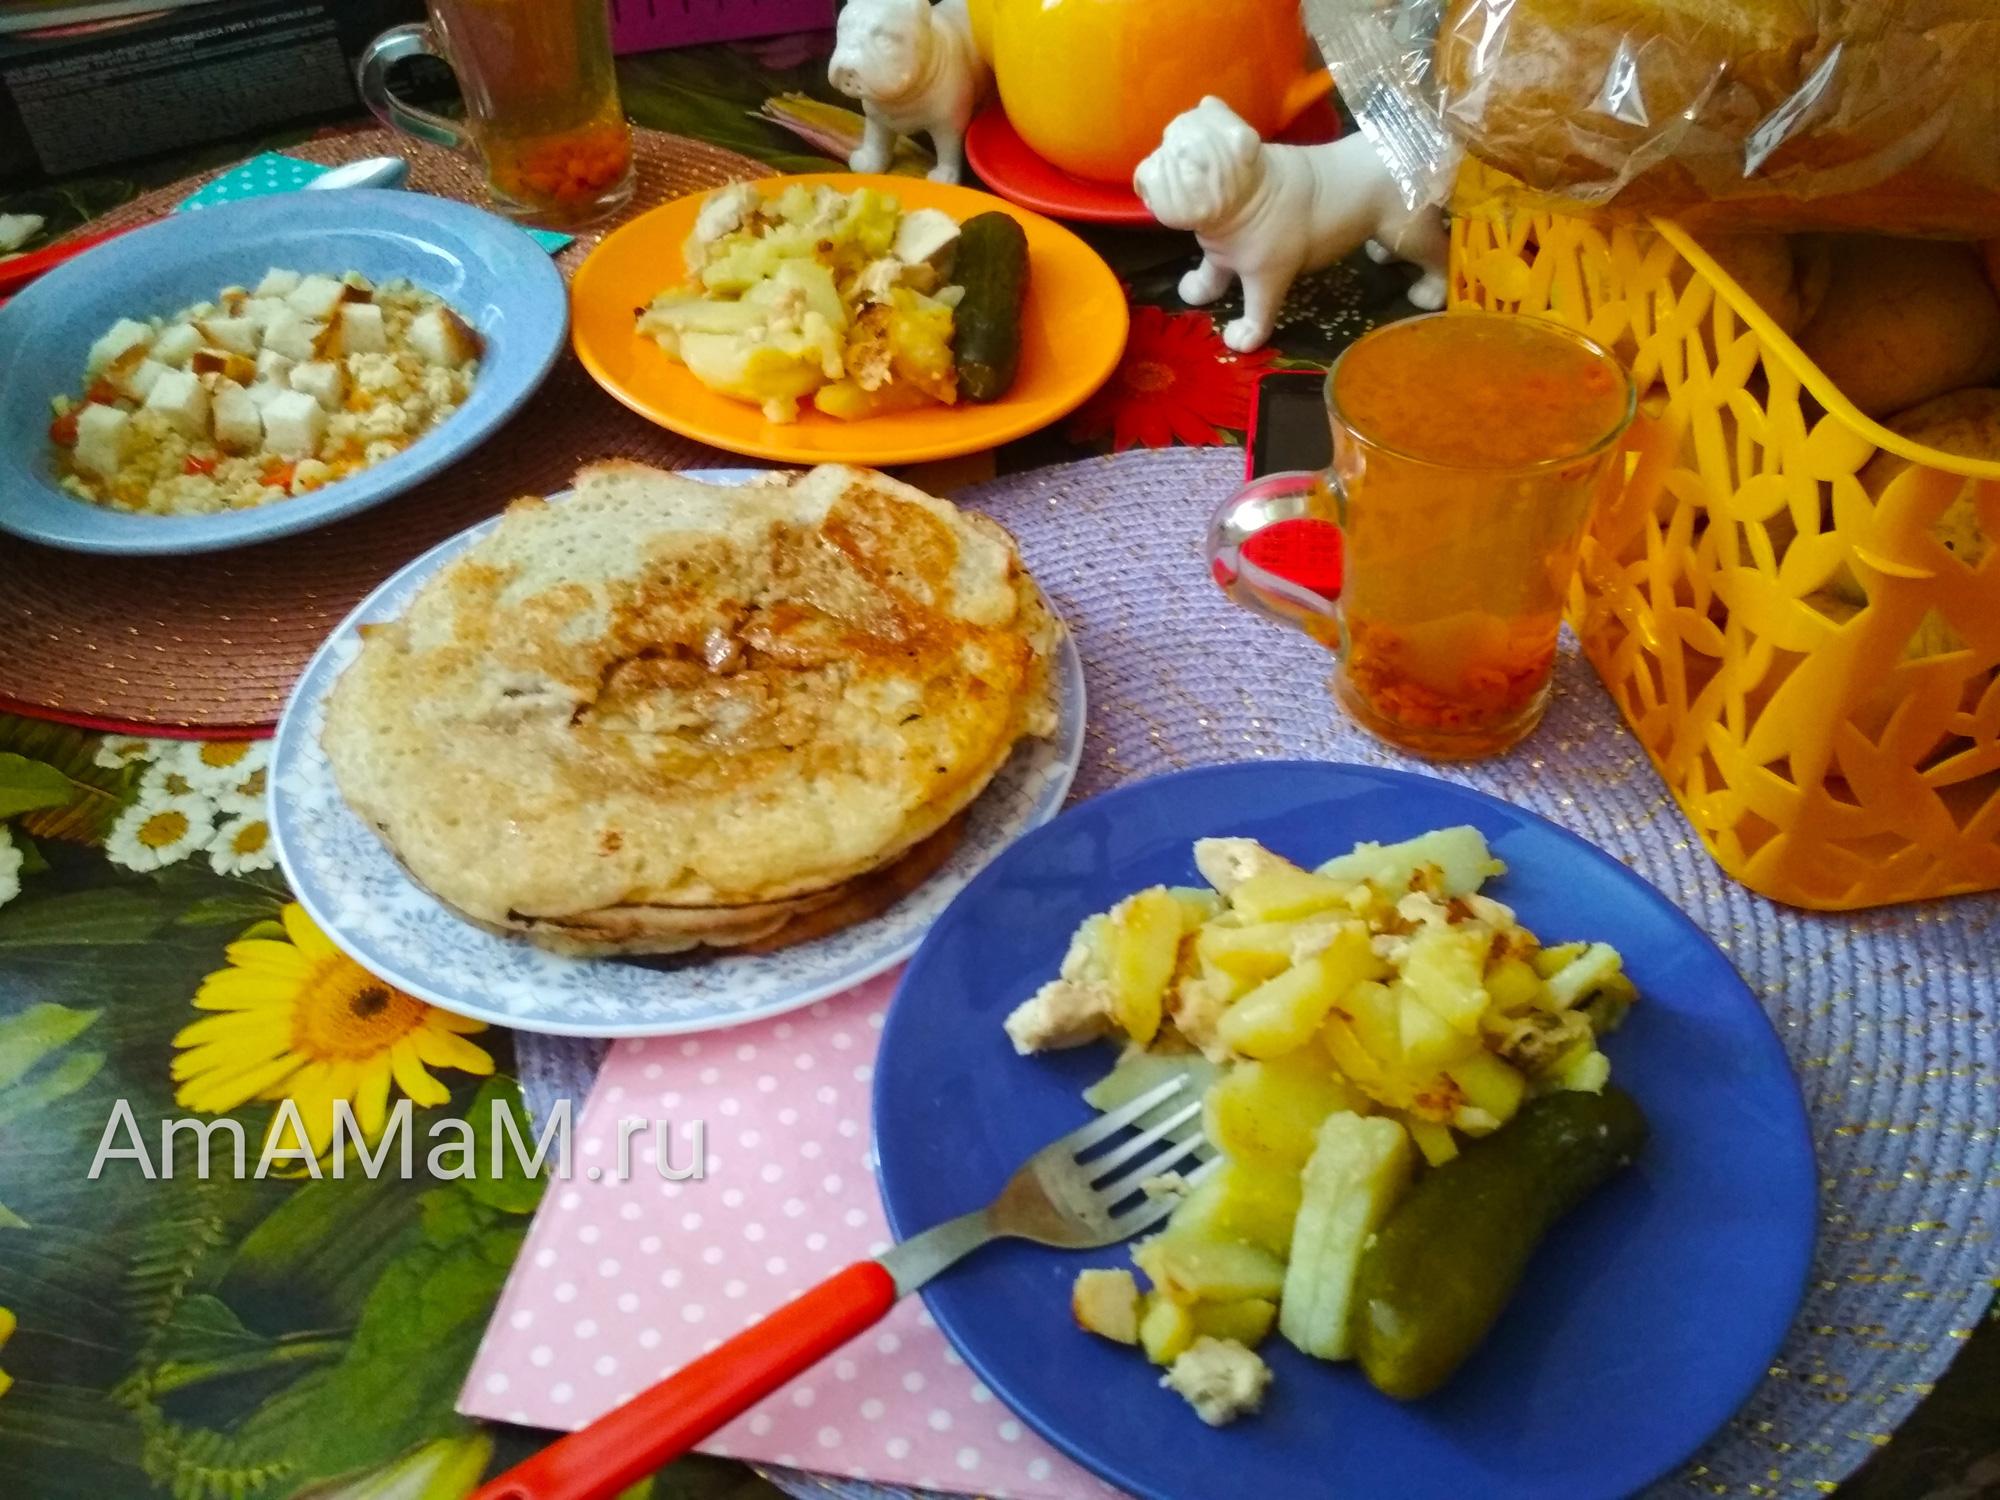 Обед - вкусный и простой